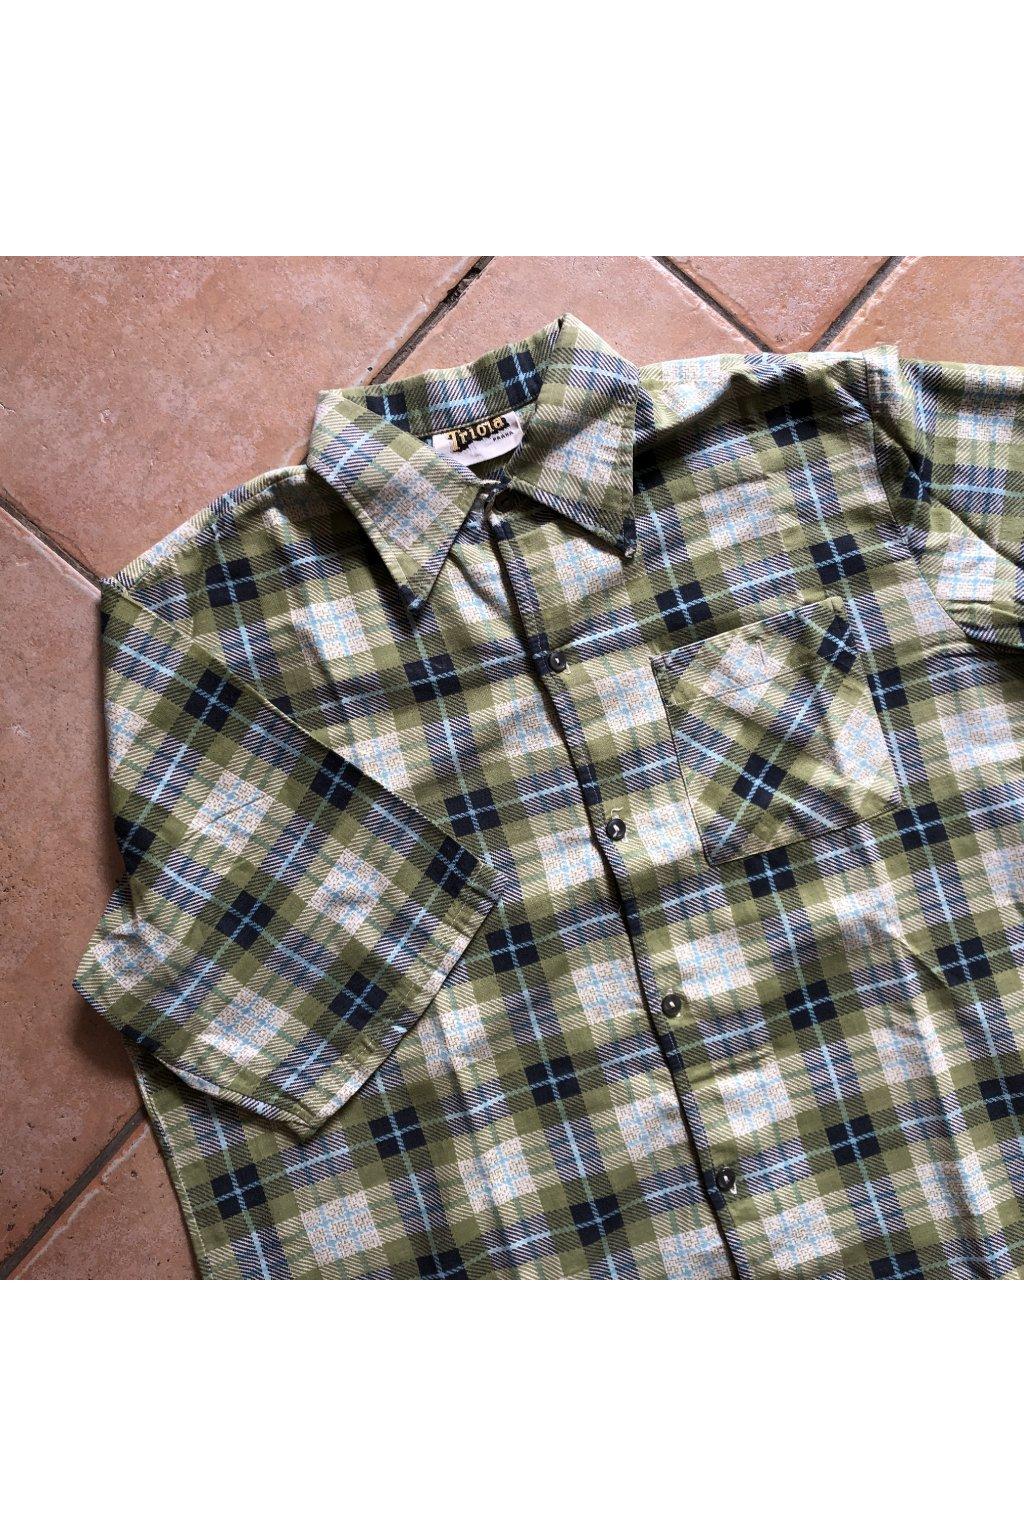 Károvaná košile s krátkým rukávem Triola Praha vel. M/L